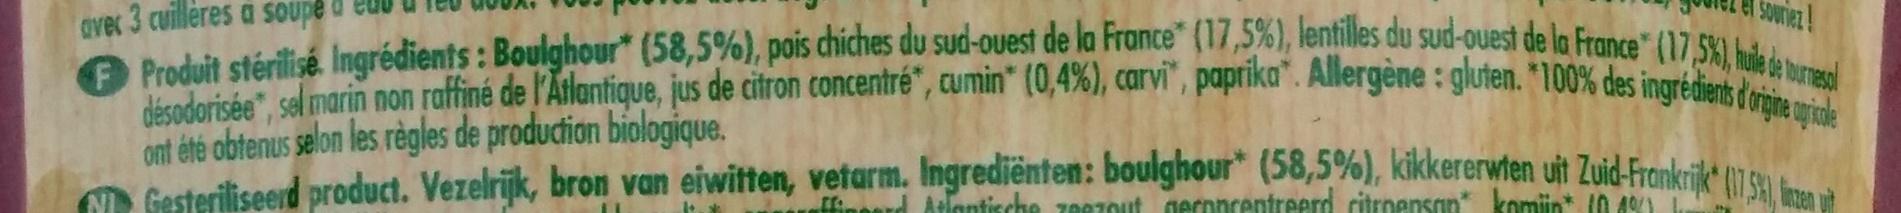 Graines express - Trésor du Maroc - Ingrédients - fr